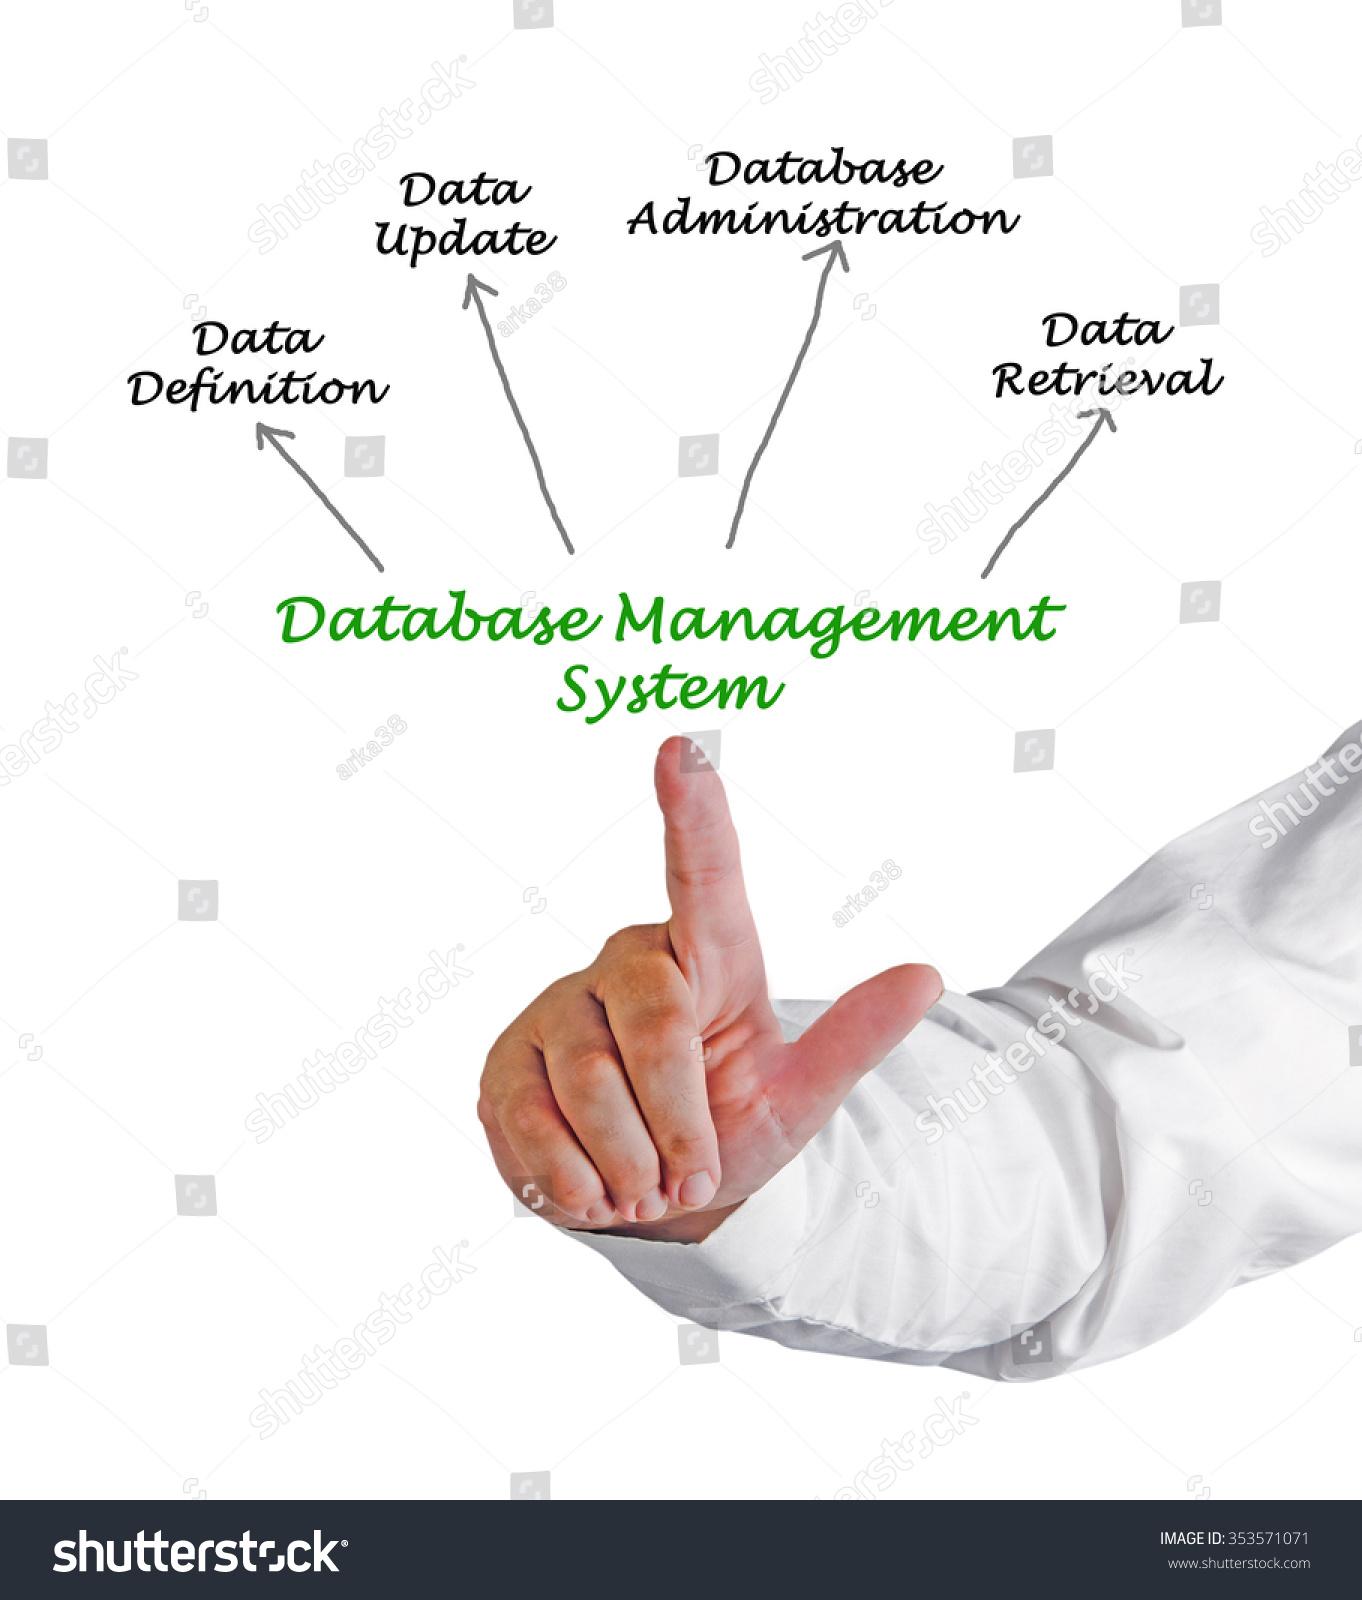 Diagram database management system stock photo 353571071 shutterstock diagram of database management system ccuart Choice Image